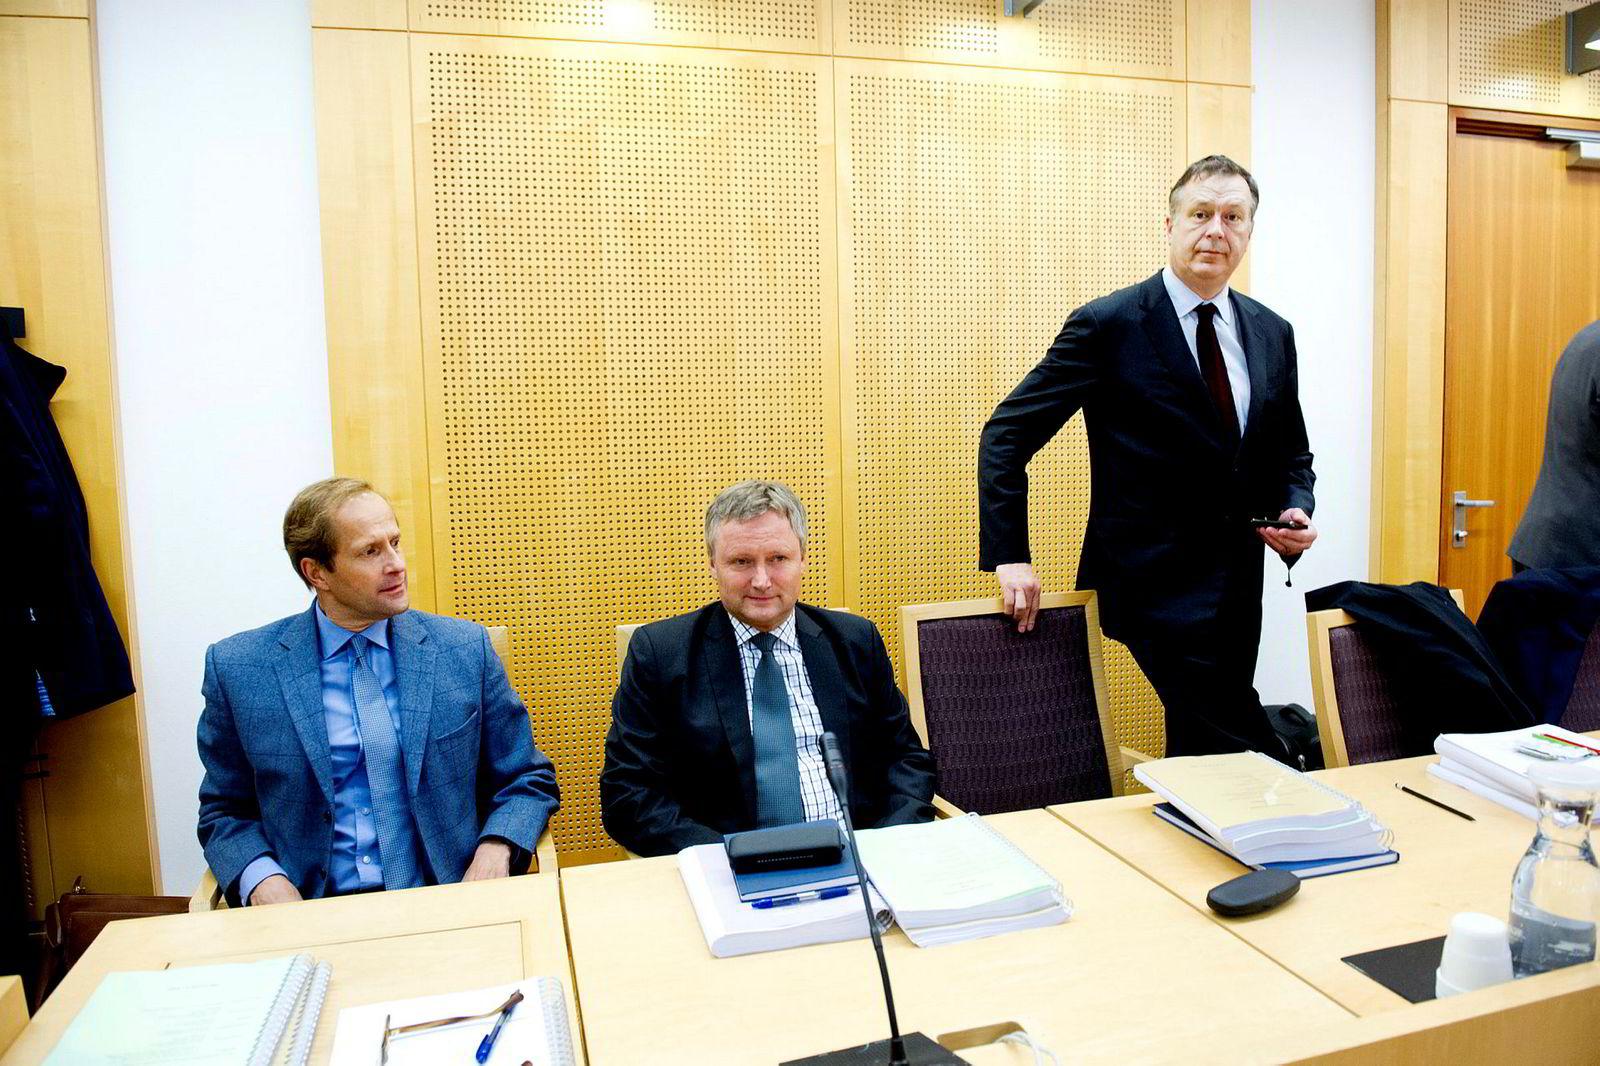 Herkules-forvalterne har kjempet mot skattemyndighetene i årevis. Her er (fra venstre) Tore Rynning-Nielsen, Sverre Morten Blix og Gert W. Munthe i Oslo tingrett i november 2013.